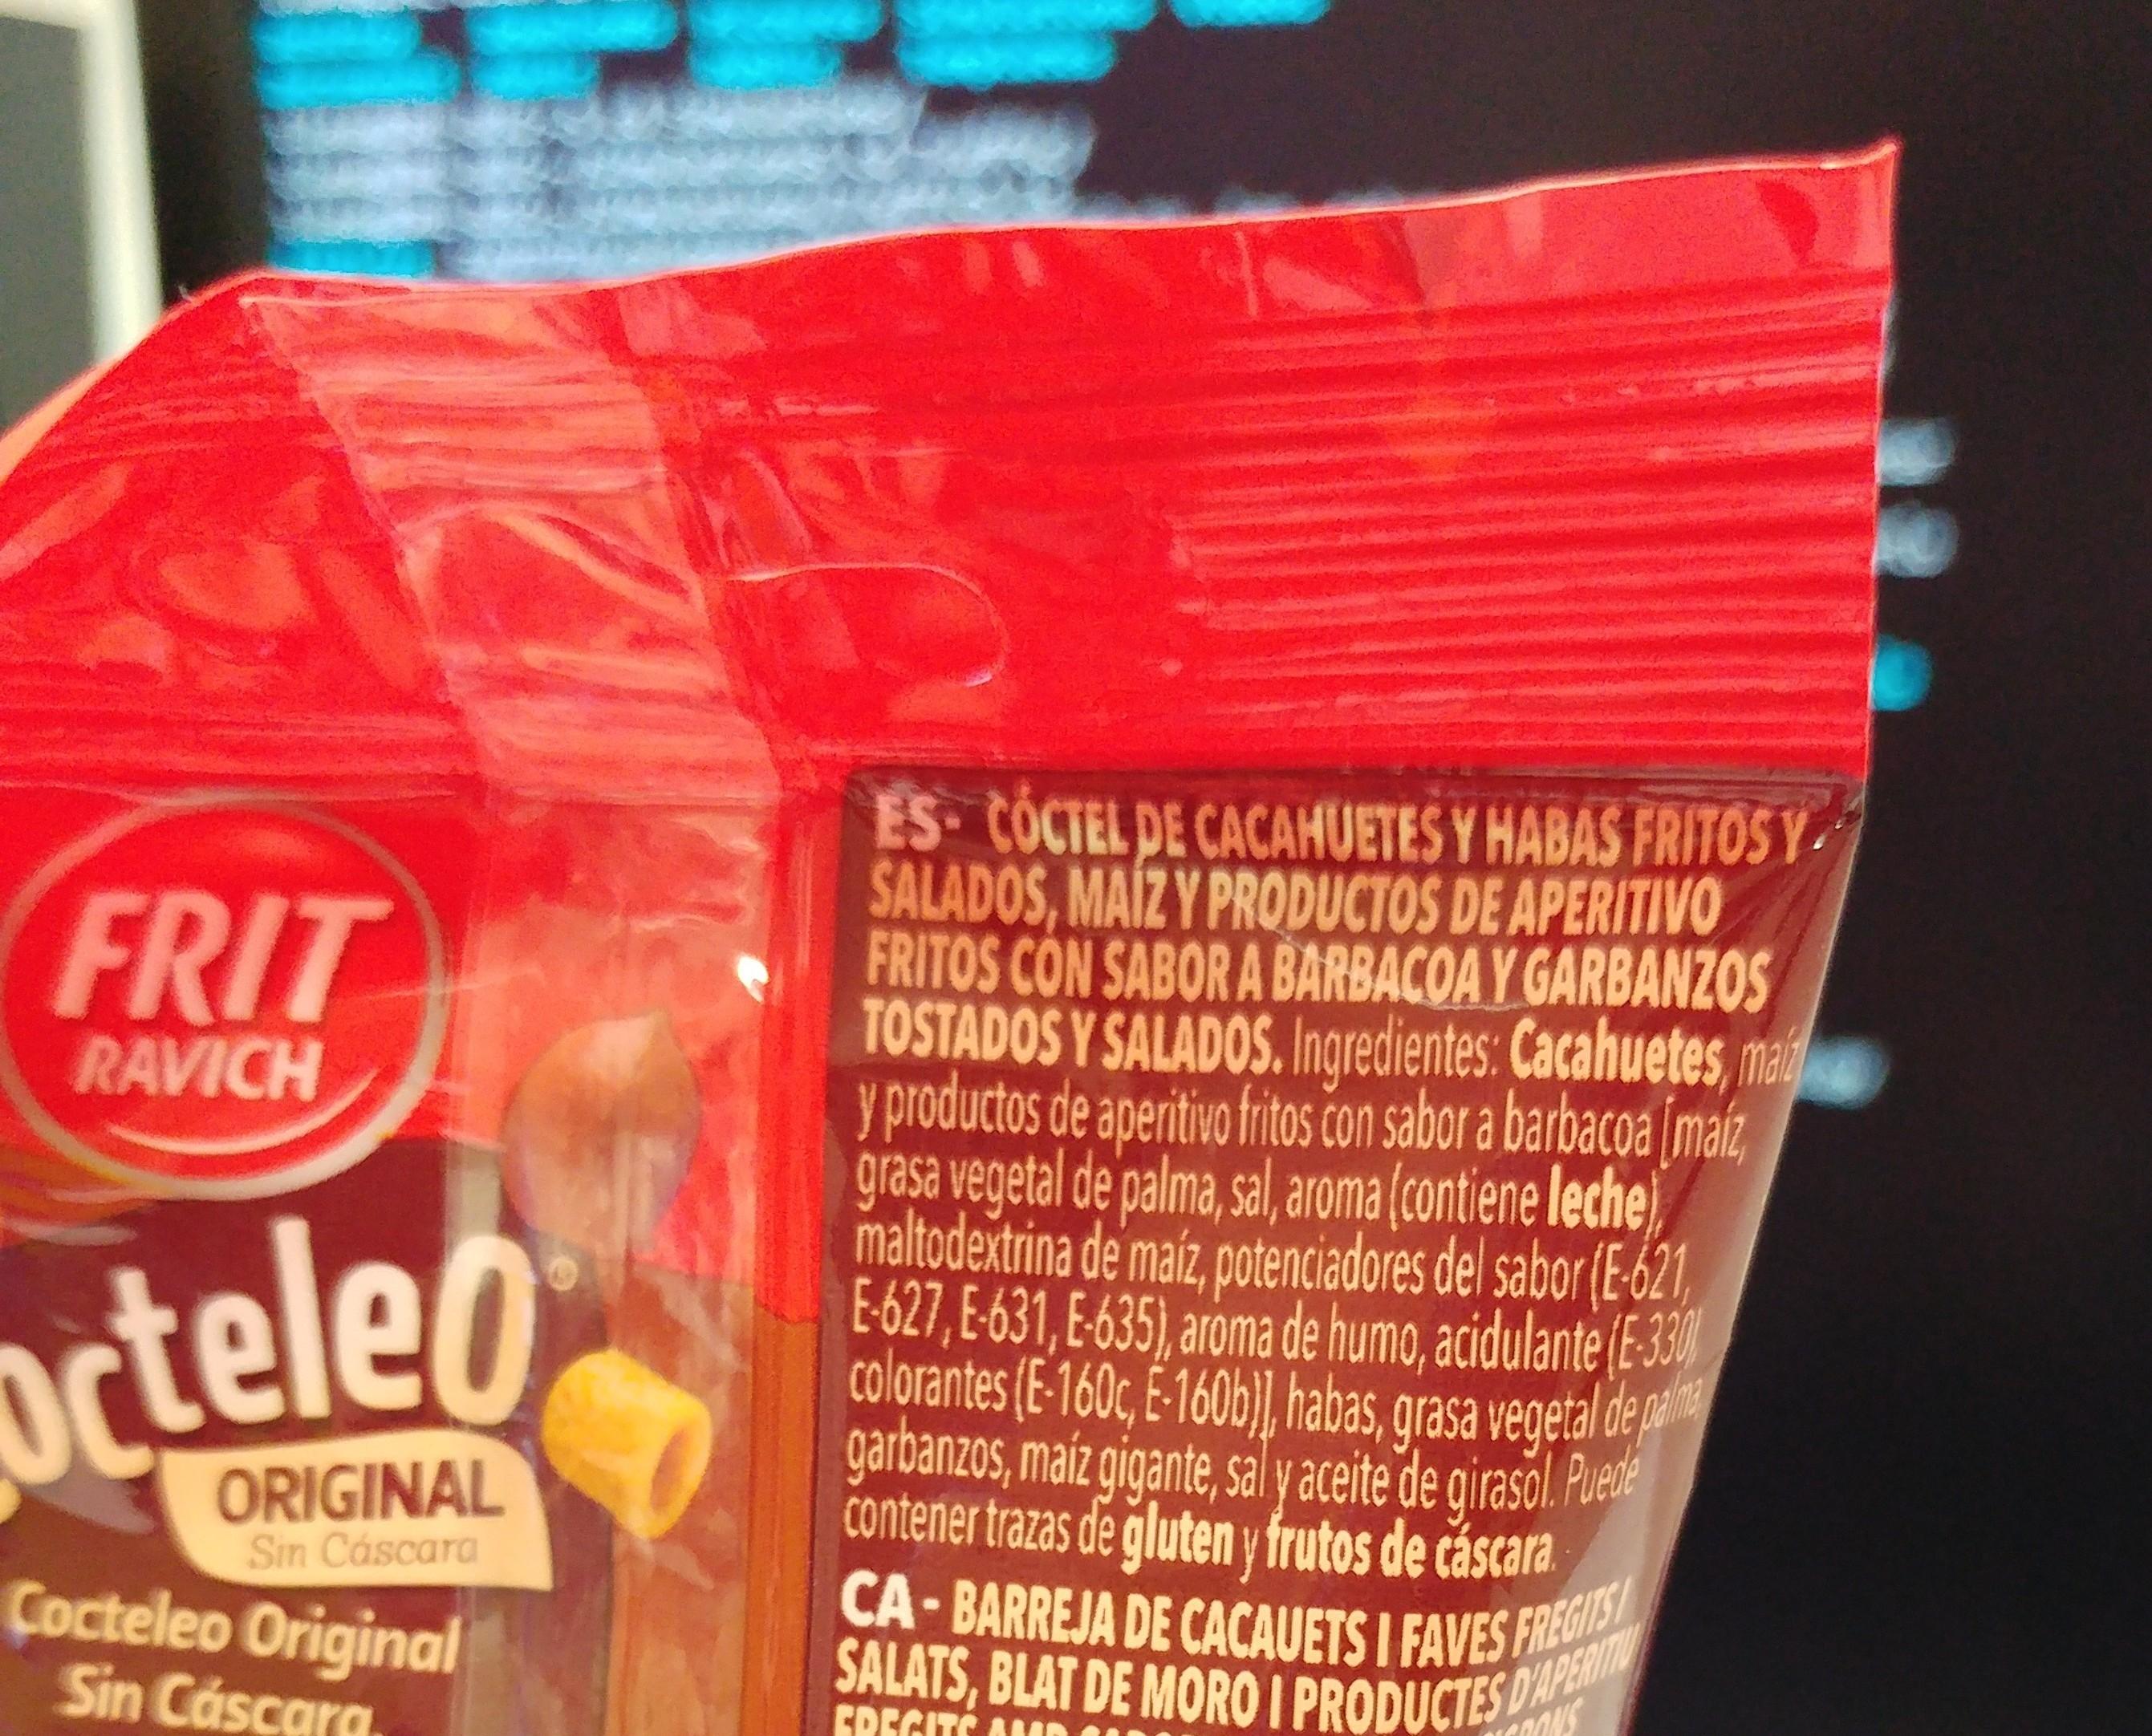 Vamos a completar la tortilla de la uni con unos frutos secos de la máquina.... Ah.. maltodextrina... alguien quiere cacahuetes con azúcar?